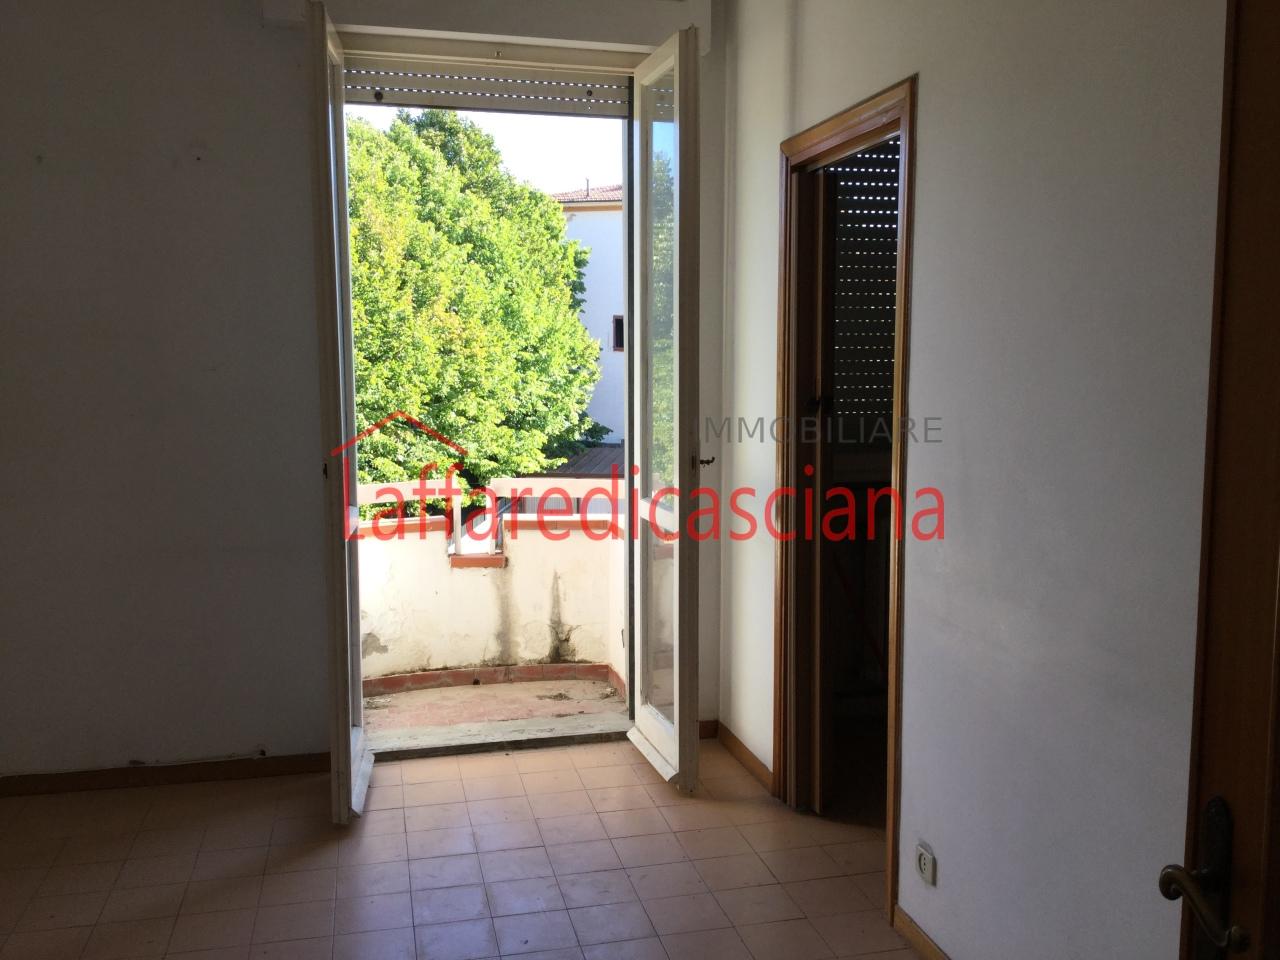 Appartamento in vendita a Casciana Terme Lari, 4 locali, prezzo € 130.000 | CambioCasa.it